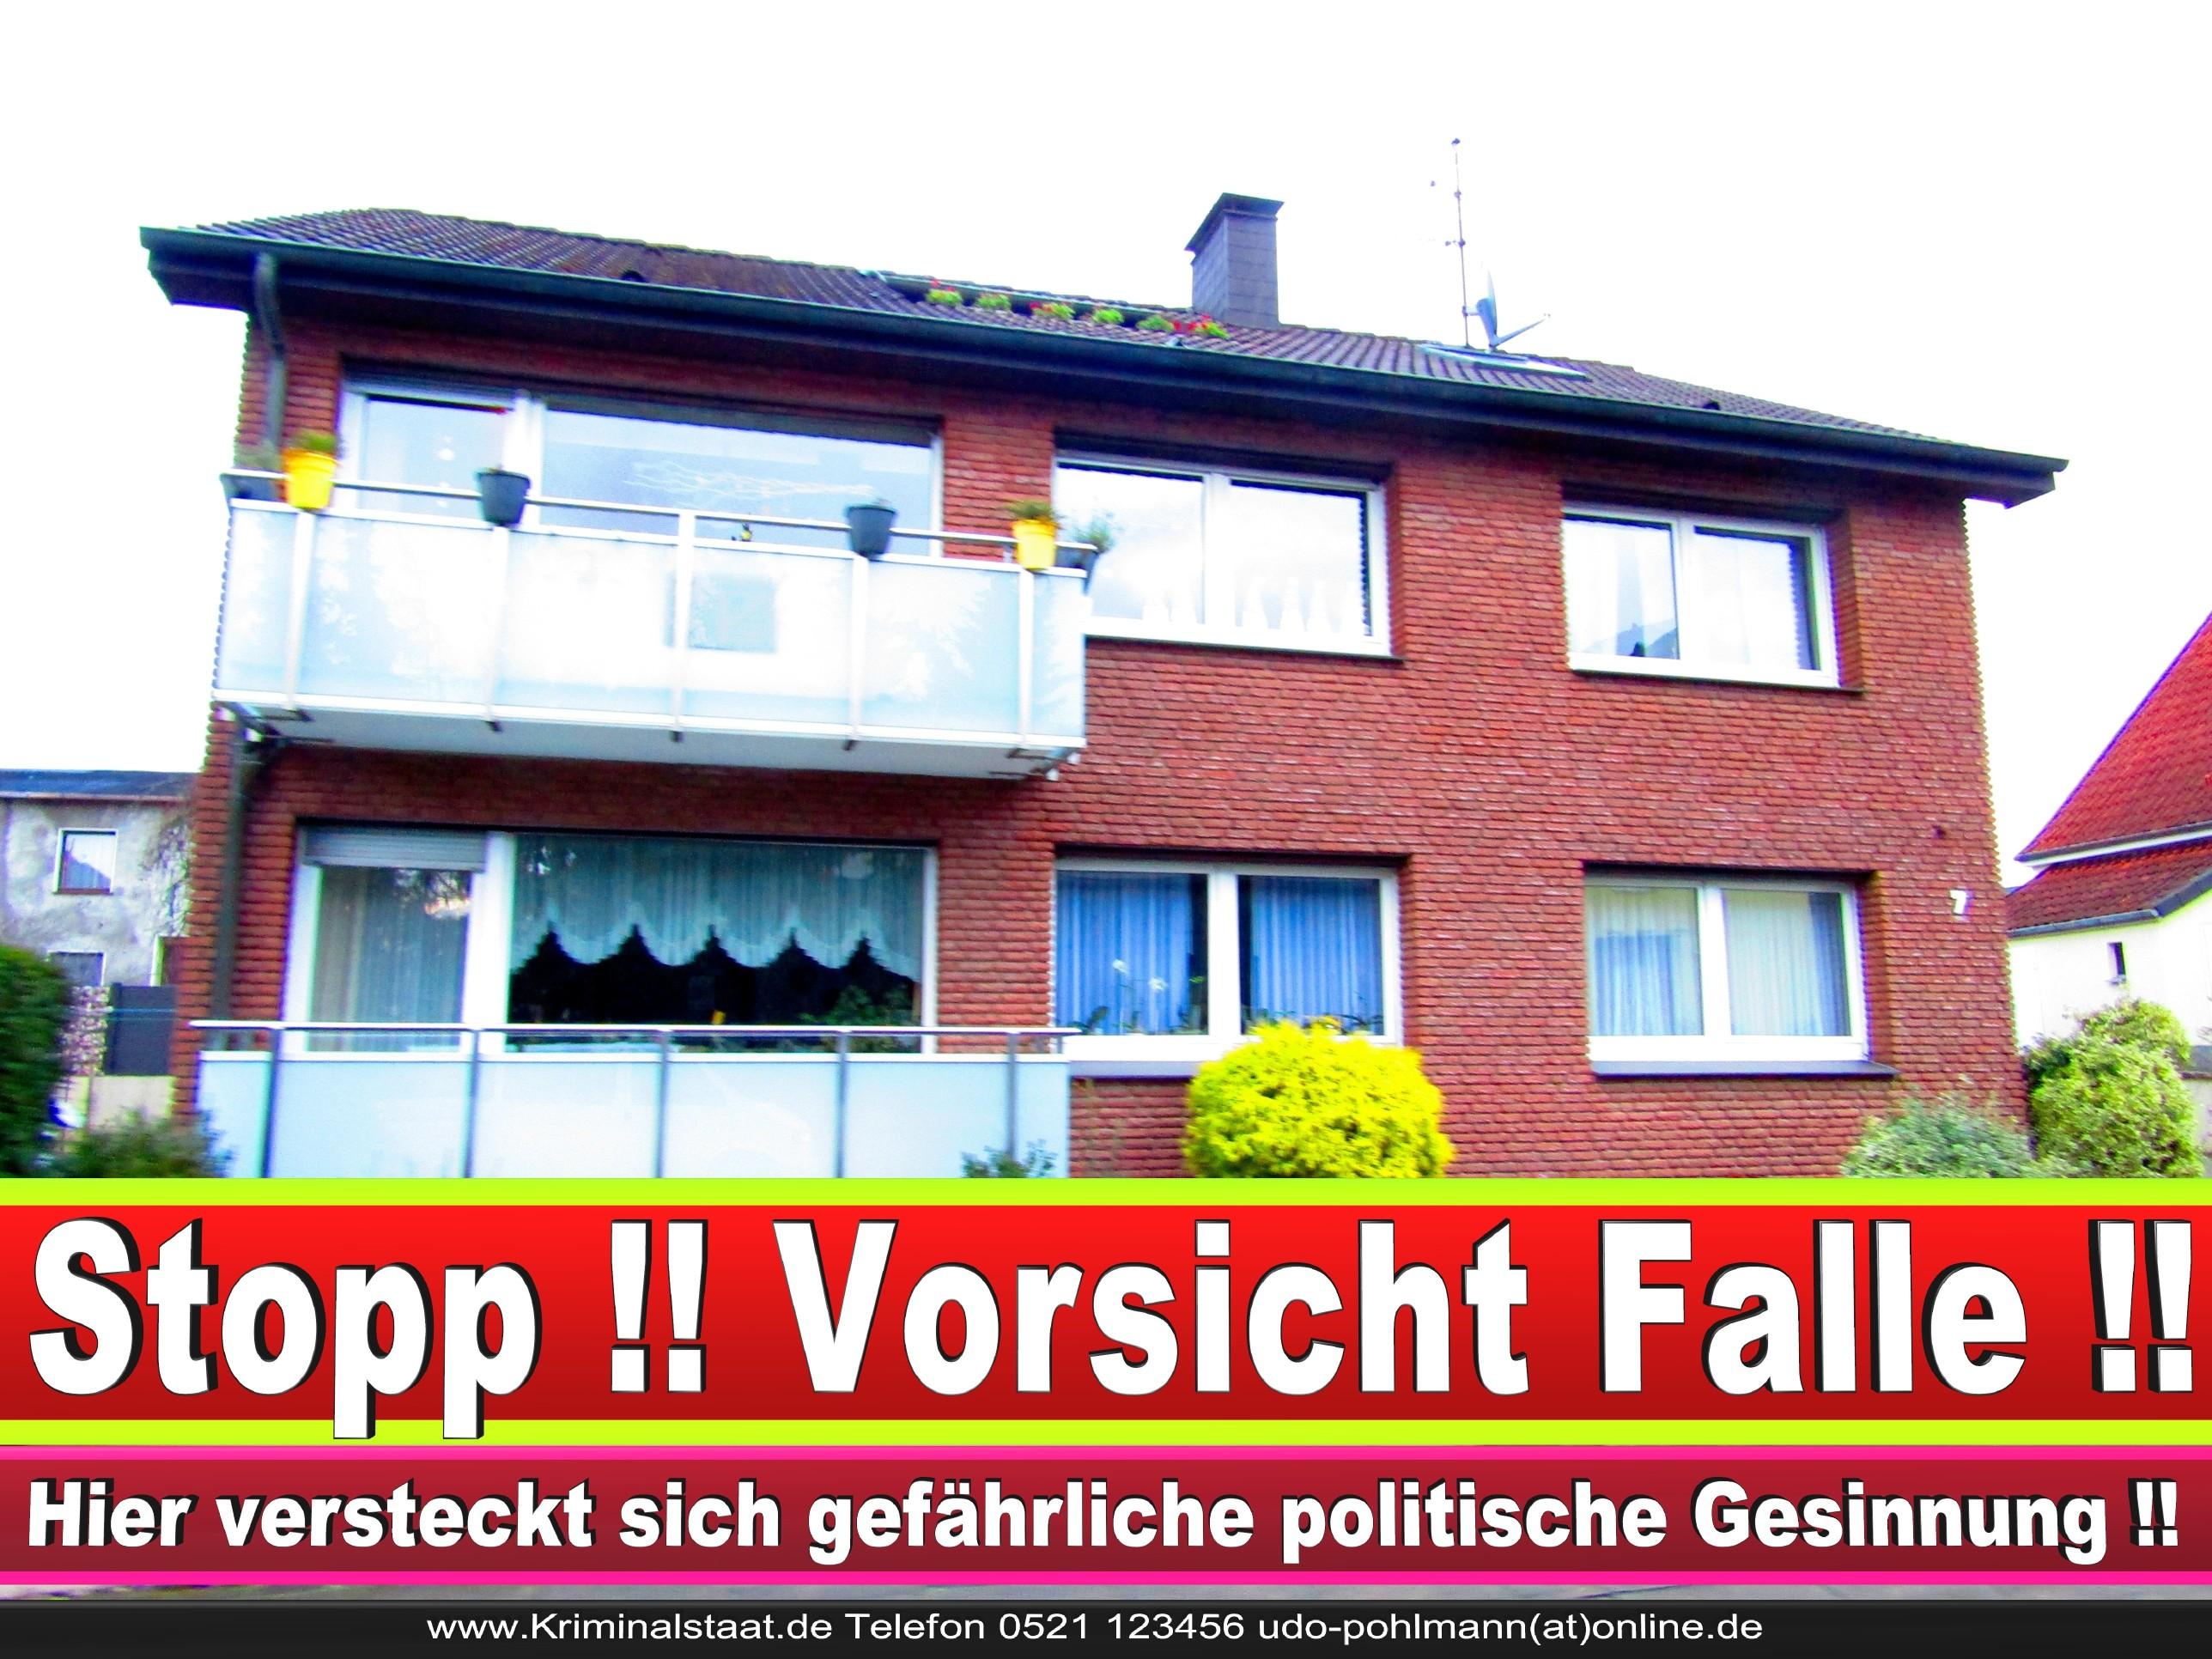 Carsten Krumhöfner CDU Bielefeld CDU NRW Jürgen Krumhöfner GbR Verlag Werbeagentur Dortmunder 1 1